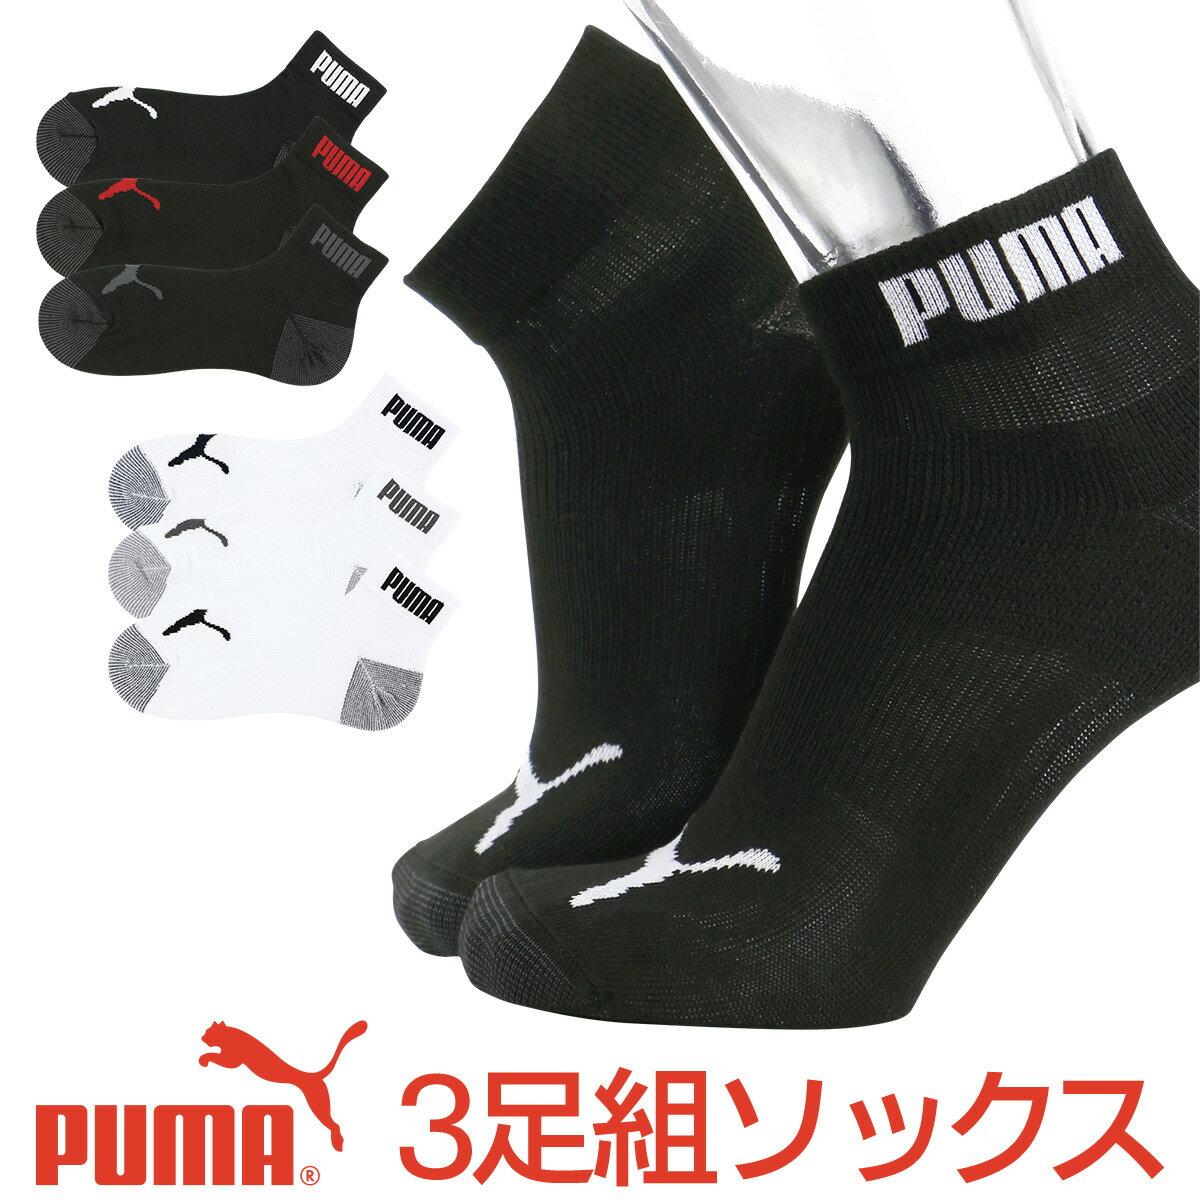 セール!28%OFFPUMA ( プーマ ) メンズ 靴下 抗菌防臭・アーチサポート・高機能靴下パフォーマンス 3足組ショート丈 ソックス マラソン ランニング ソックス2822-642ポイント10倍!